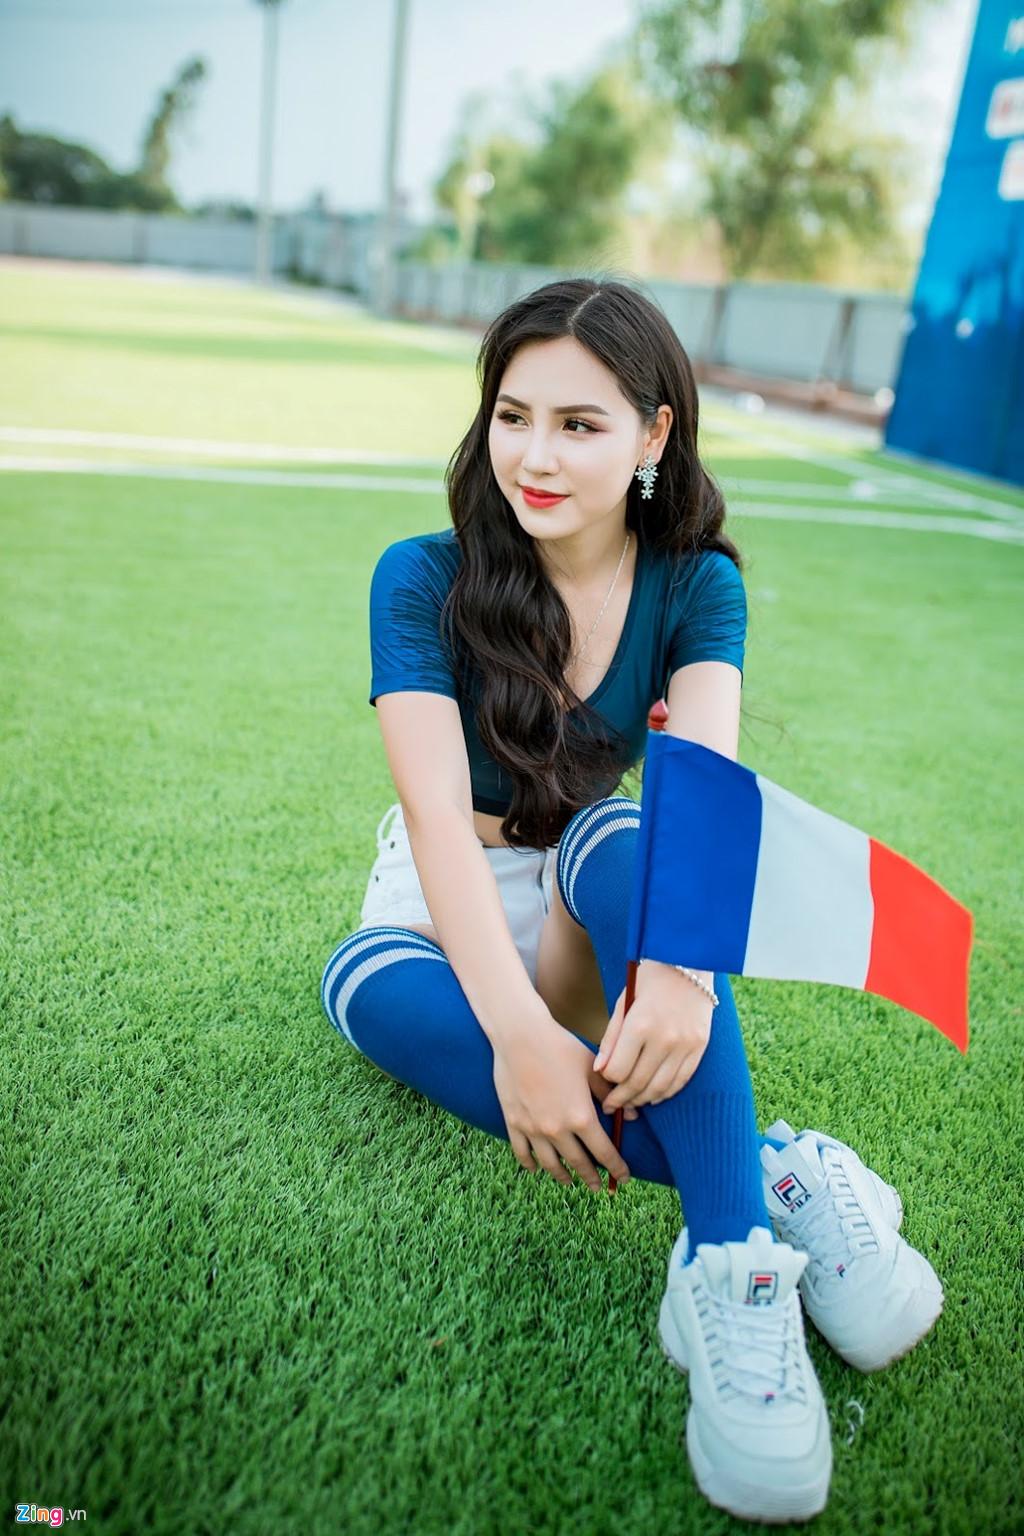 Hot girl xinh dep tren VTV co vu tuyen Phap, mo uoc lam phong vien anh hinh anh 7